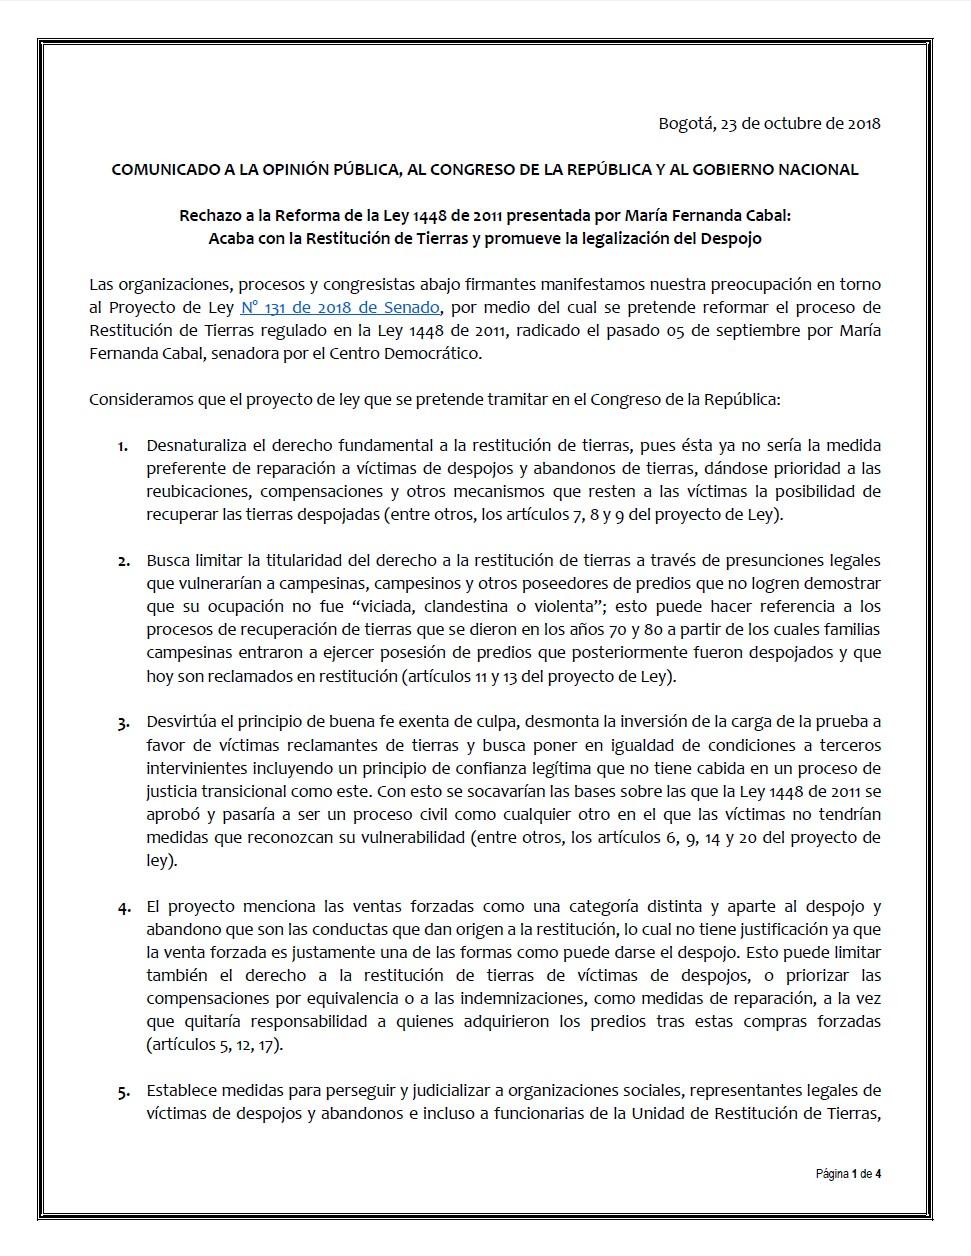 """Imagen relacionada con El proyecto de ley 003 de 2018 """"Nueva Ley de Tierras"""": Un nuevo golpe contra el campesinado, los pueblos indígenas y afrocolombianos"""